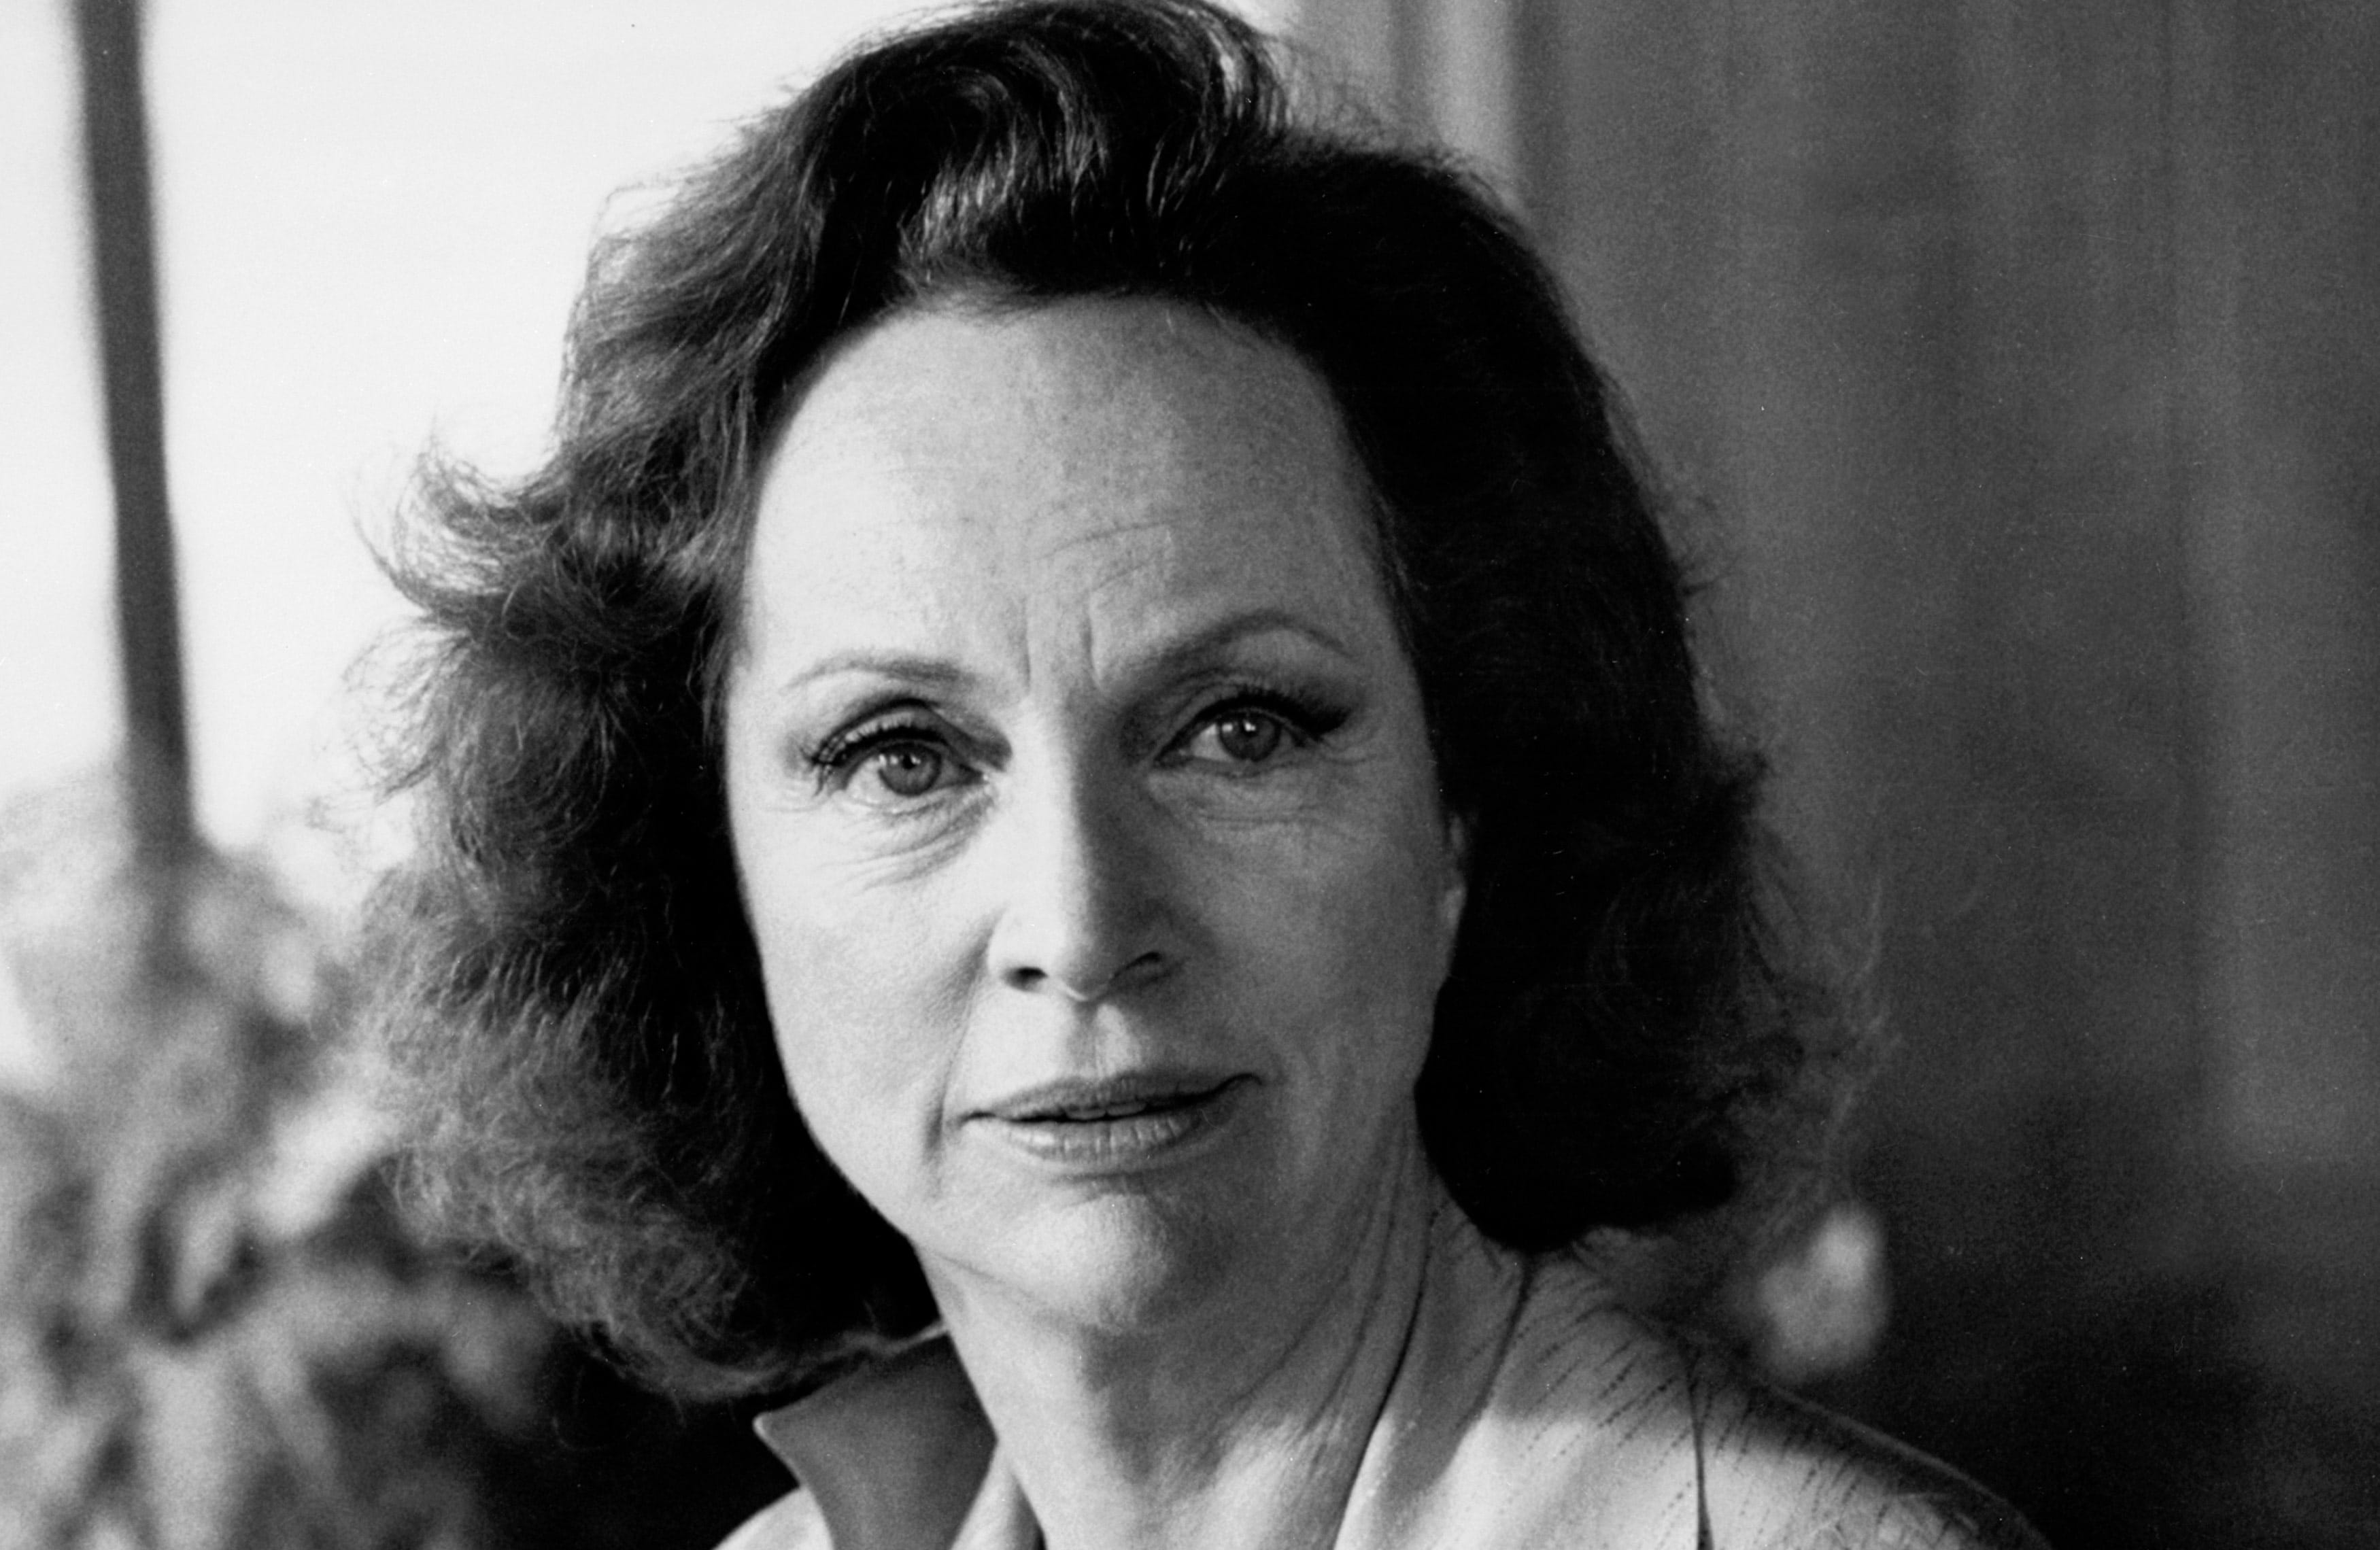 Beatrice Kay